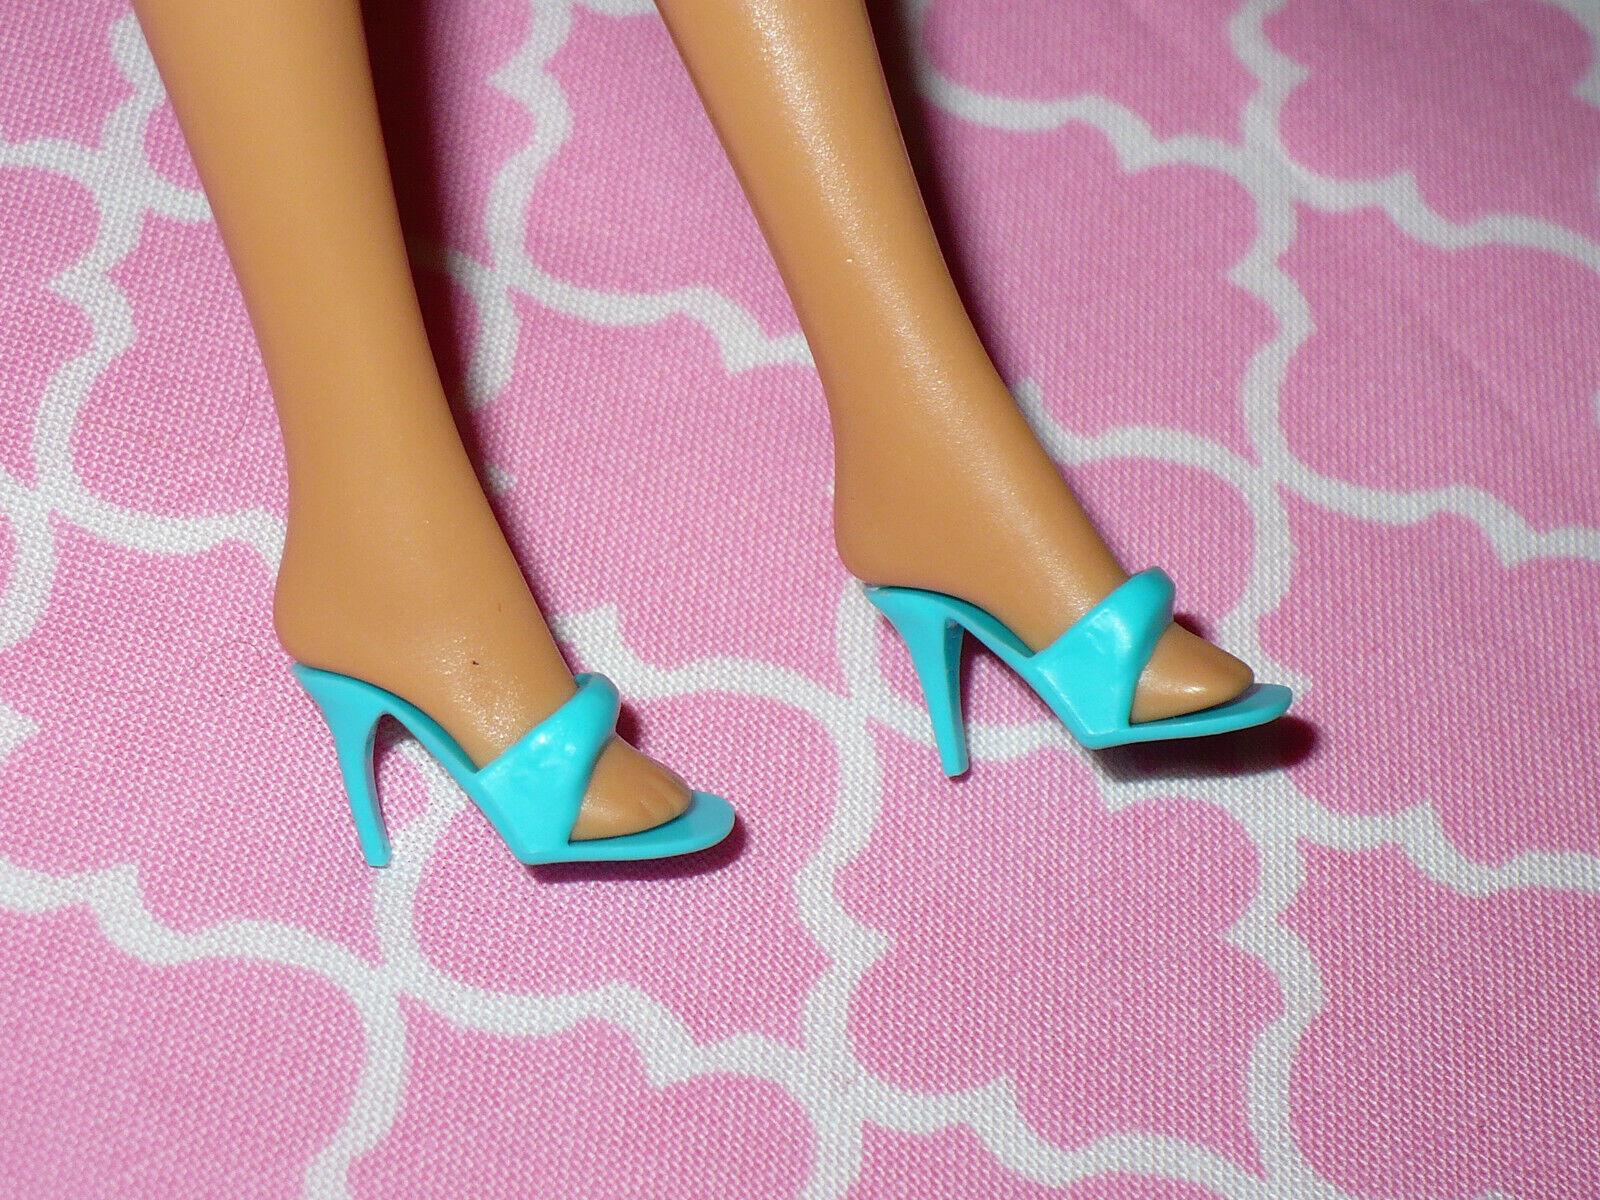 Mattel Barbie Doll Shoes Vintage TURQUOISE BLUE MULES SLIDES High Heel SANDALS - $15.99